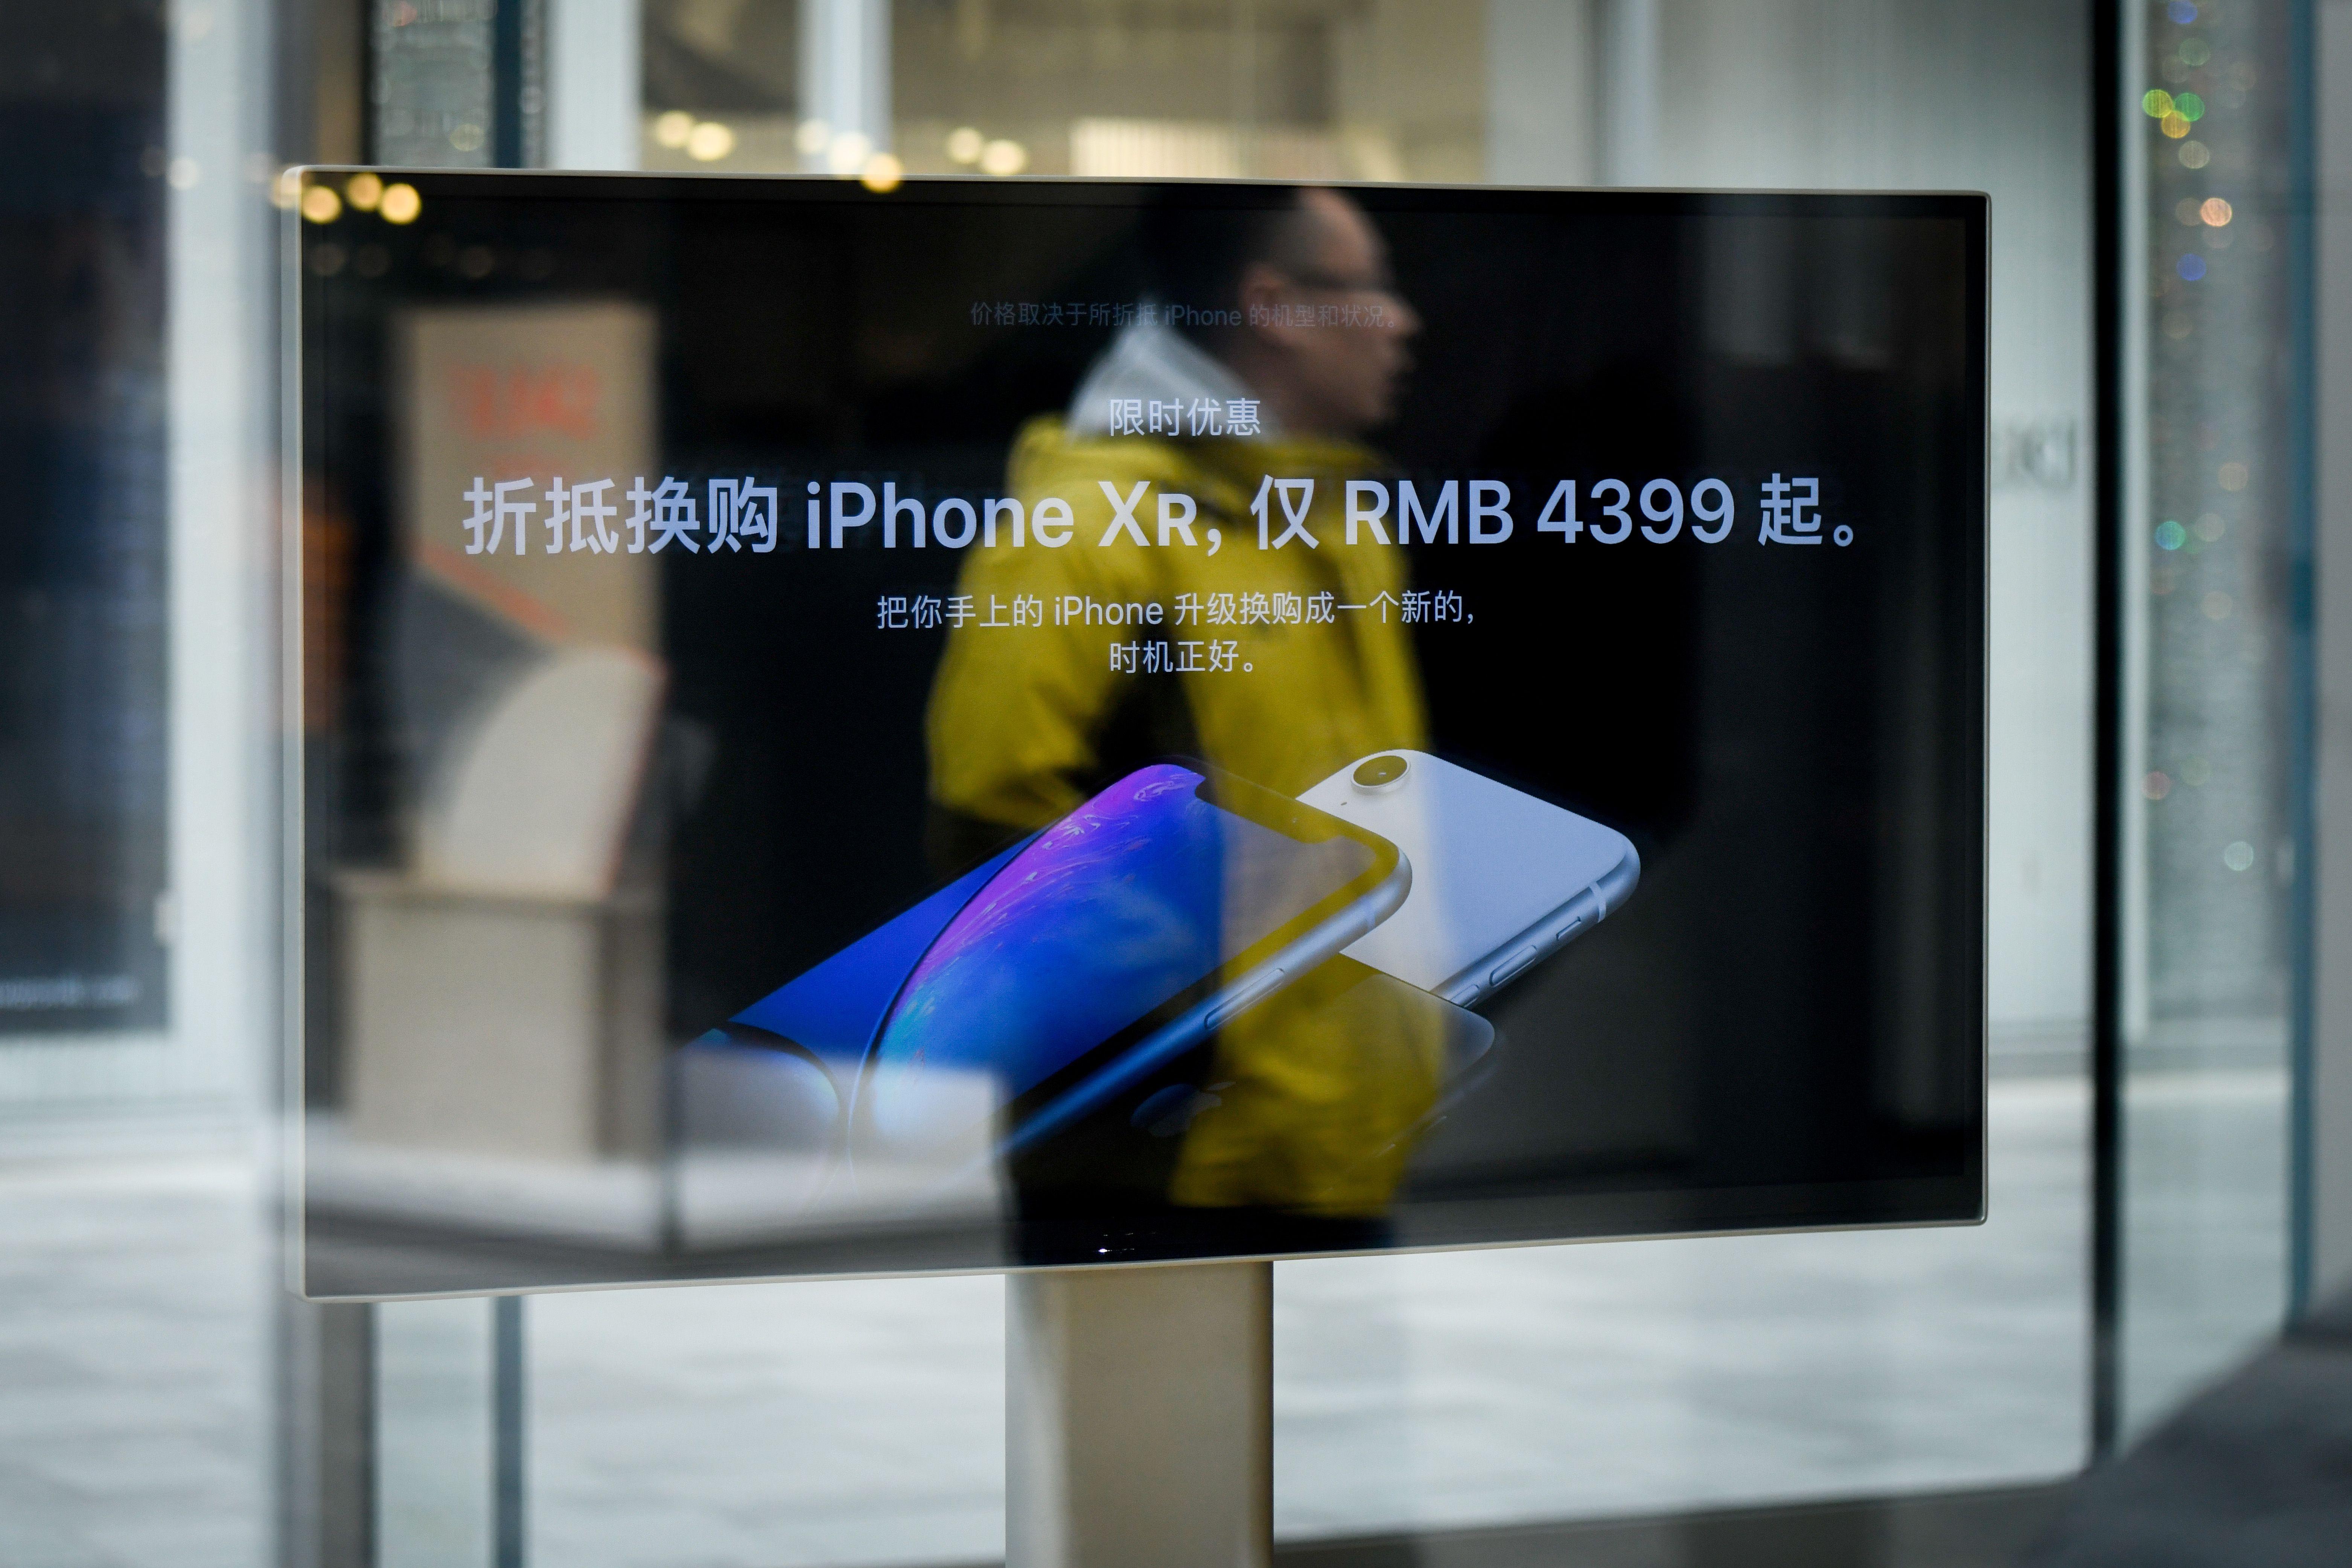 蘋果福特在華遇挫 中國八個經濟數據透端倪